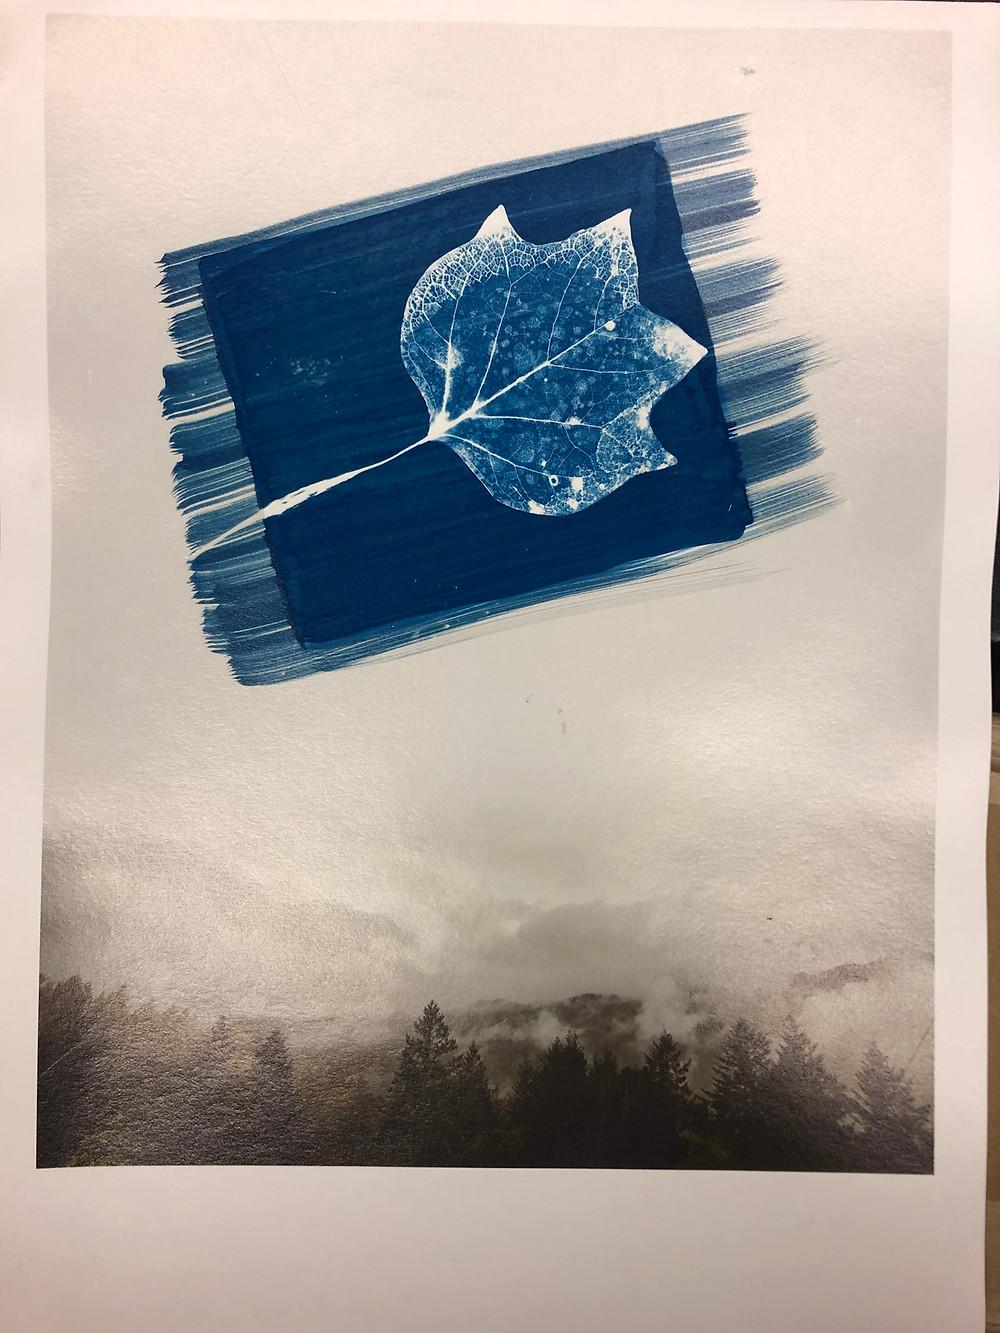 Cyanotype + Inkjet with Brush marks